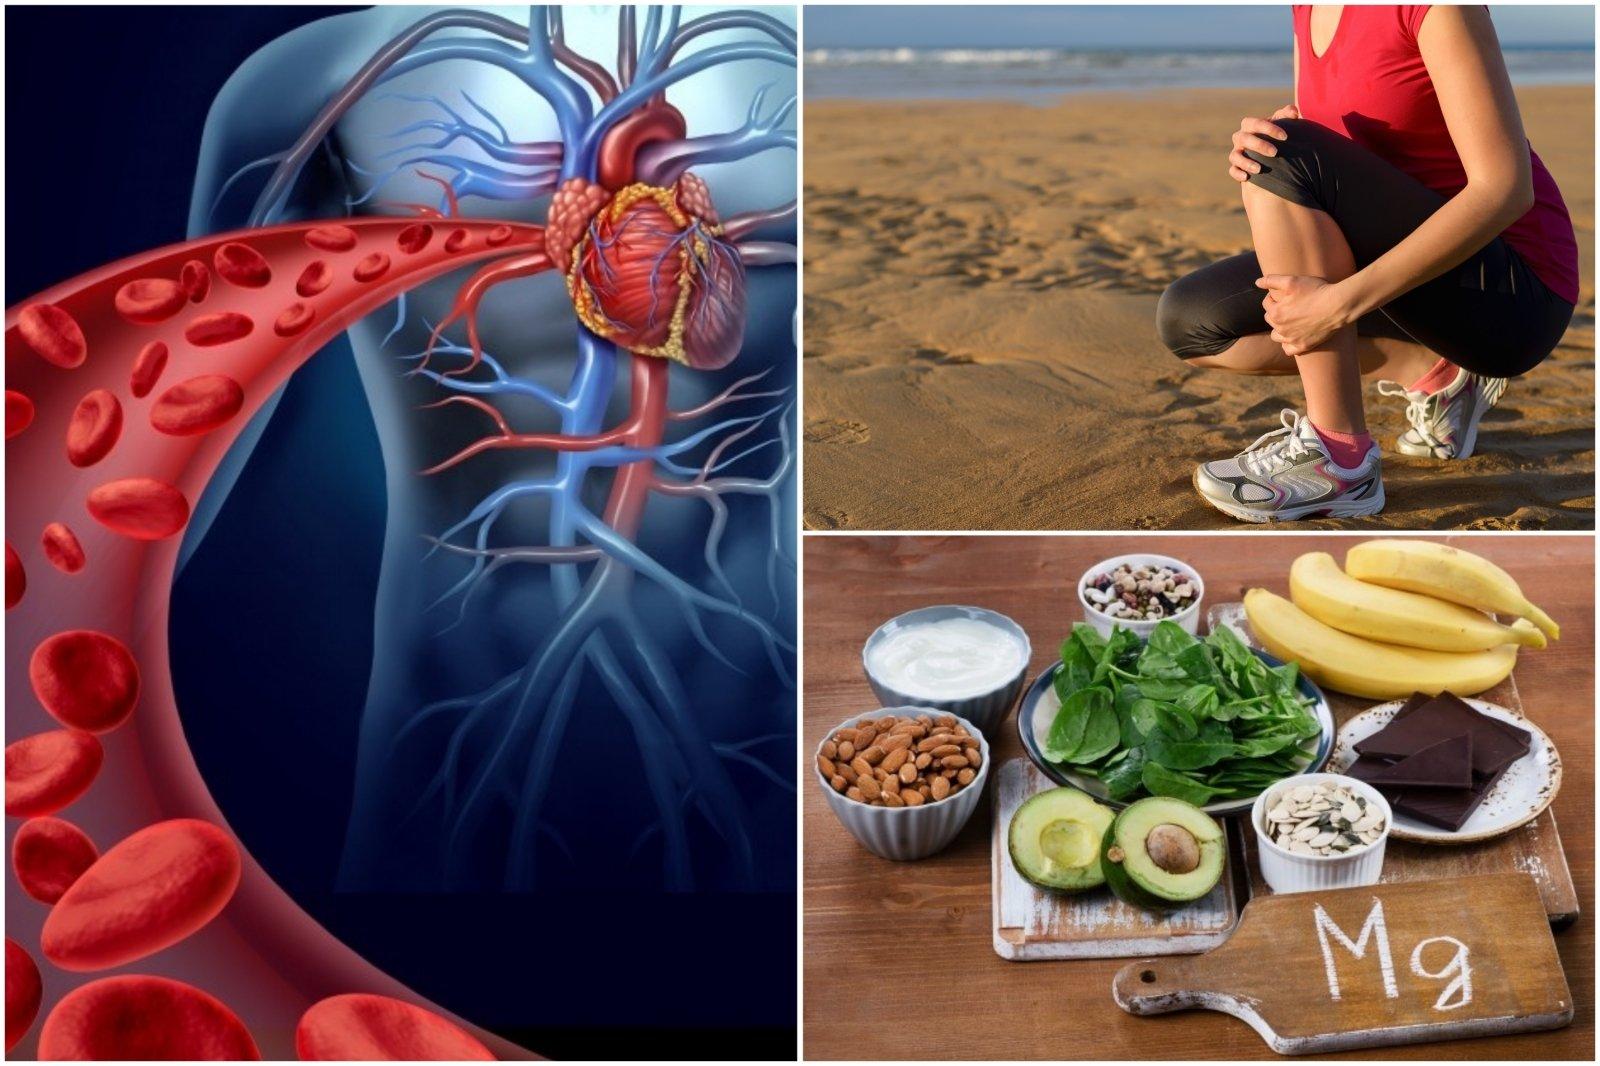 magnio poveikis hipertenzijai